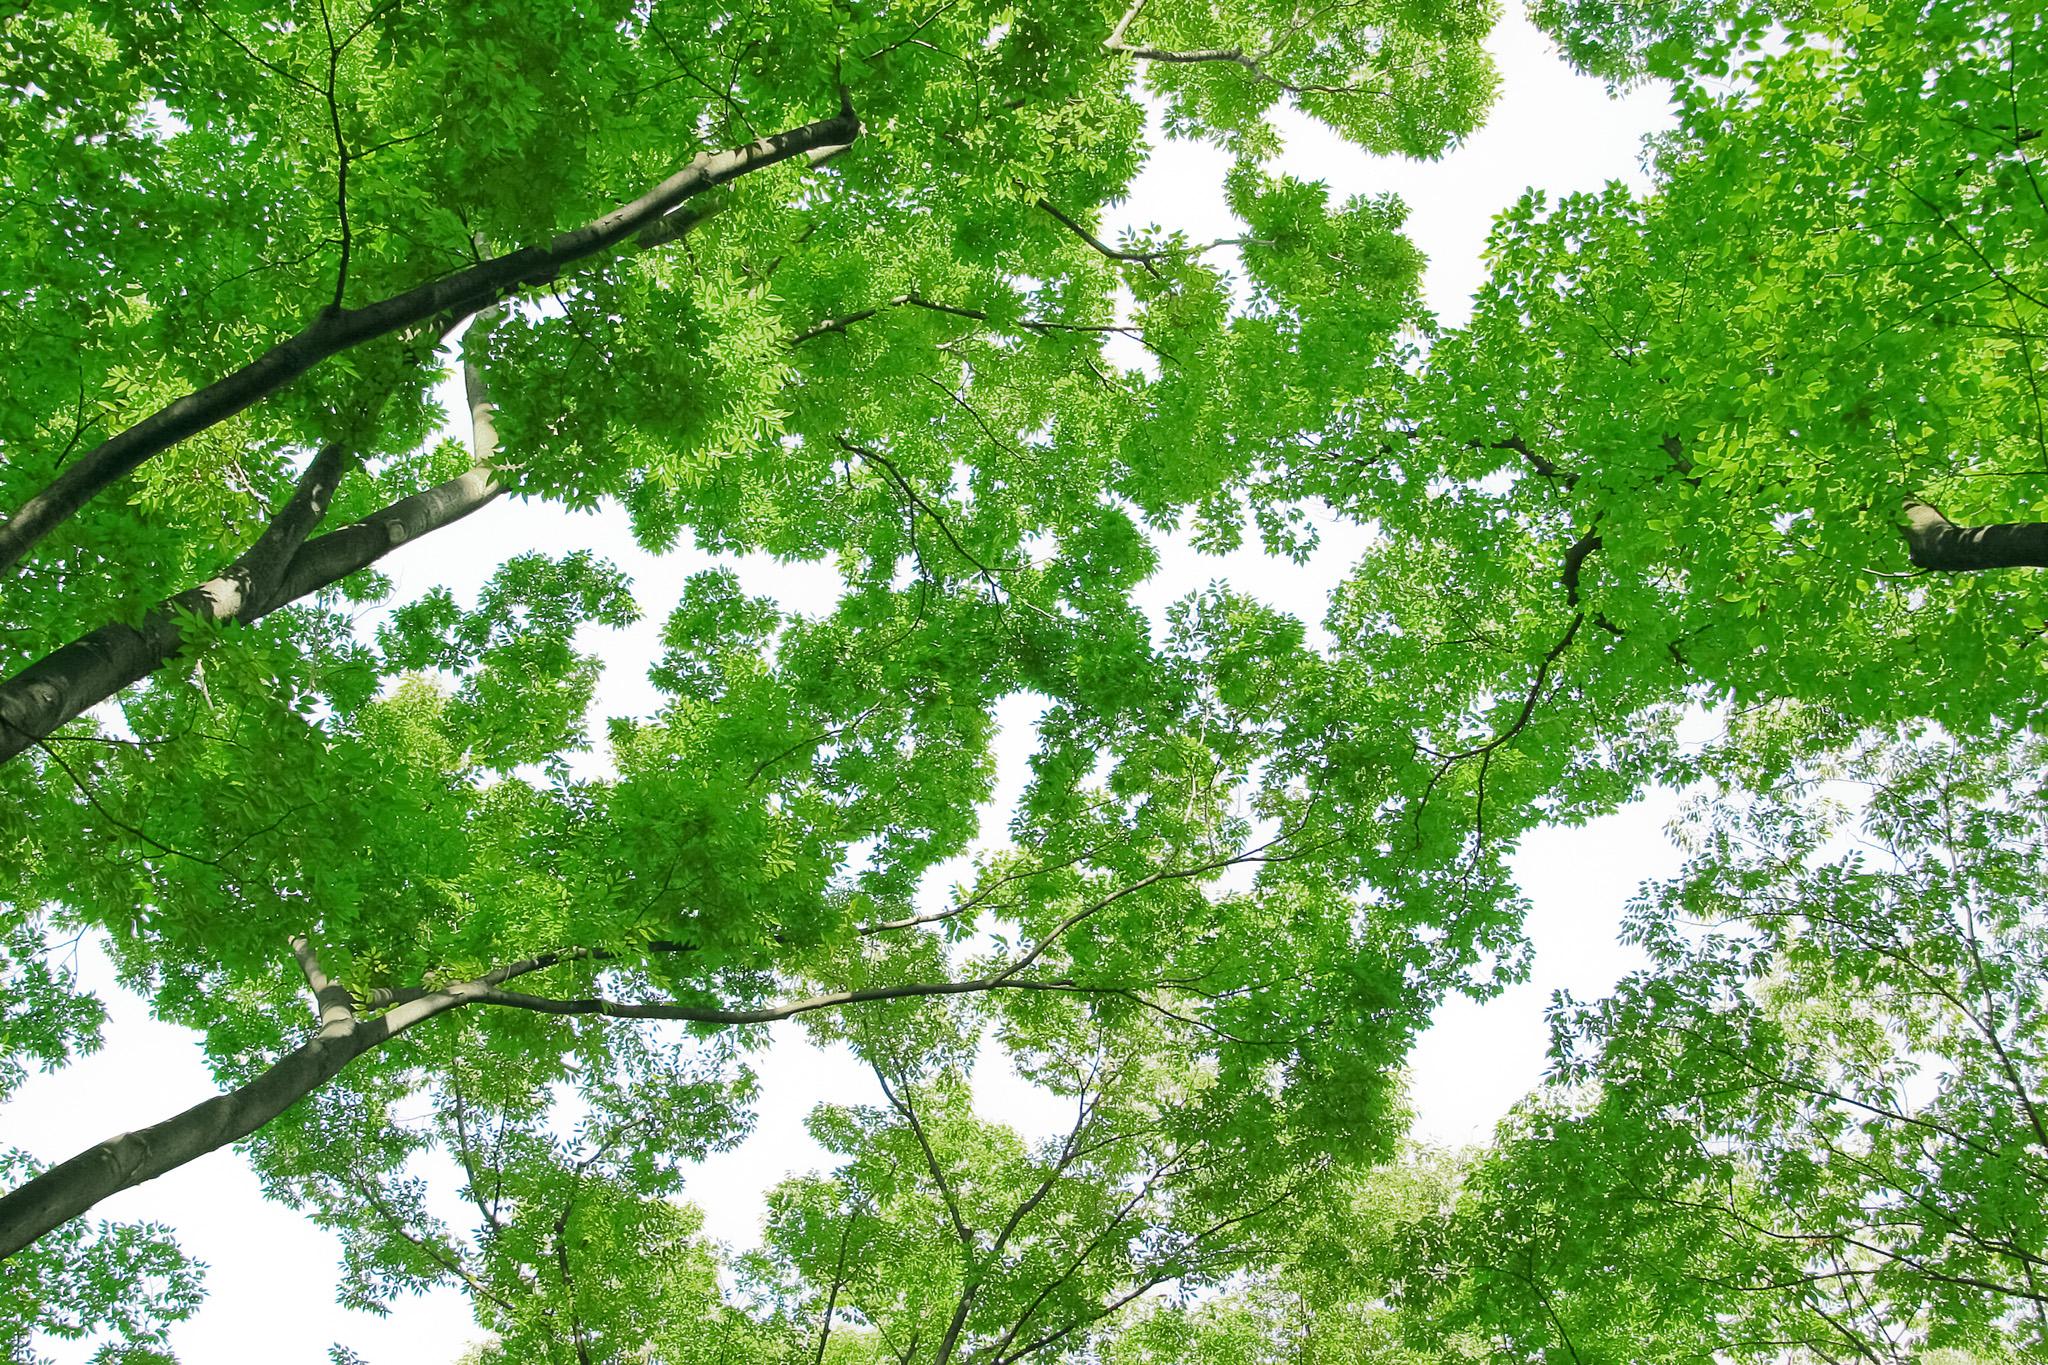 「沢山の緑の葉とつけた枝」の素材を無料ダウンロード